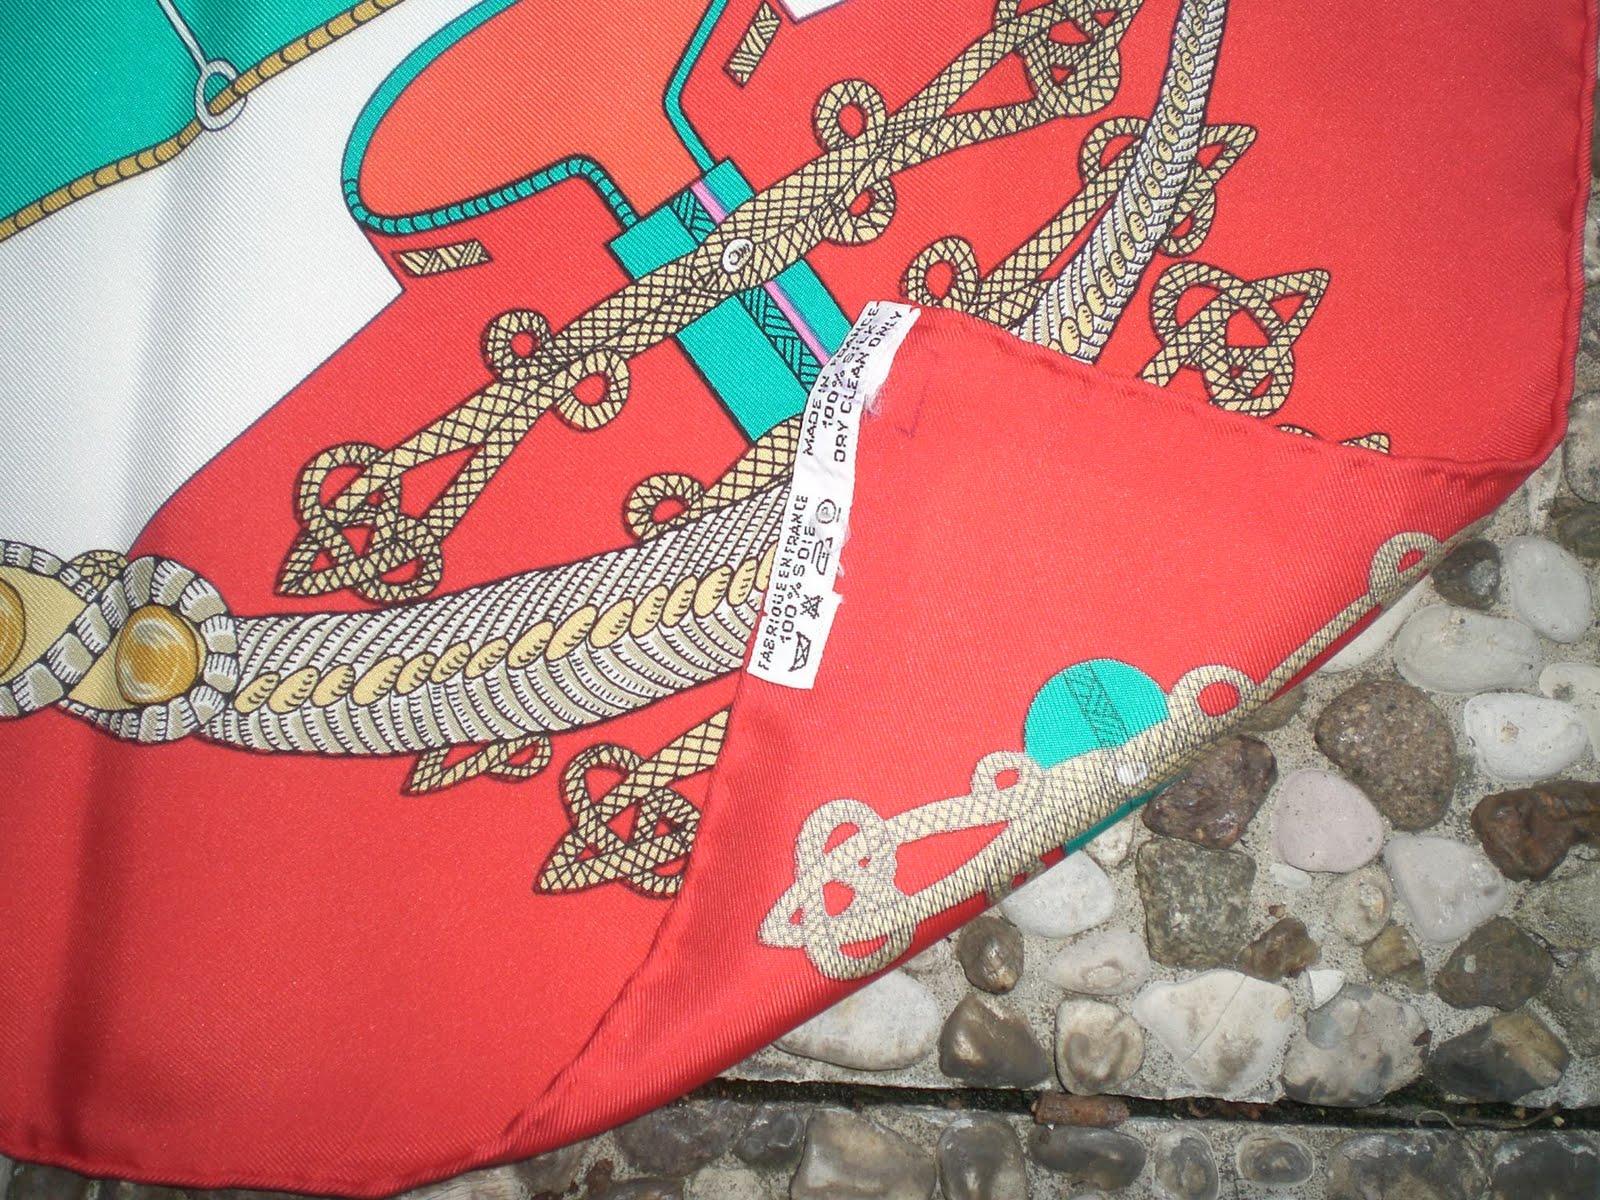 d8c5382ff70 LE IMITAZIONI - foulard - Non Si Dice Piacere - Modi e Moda